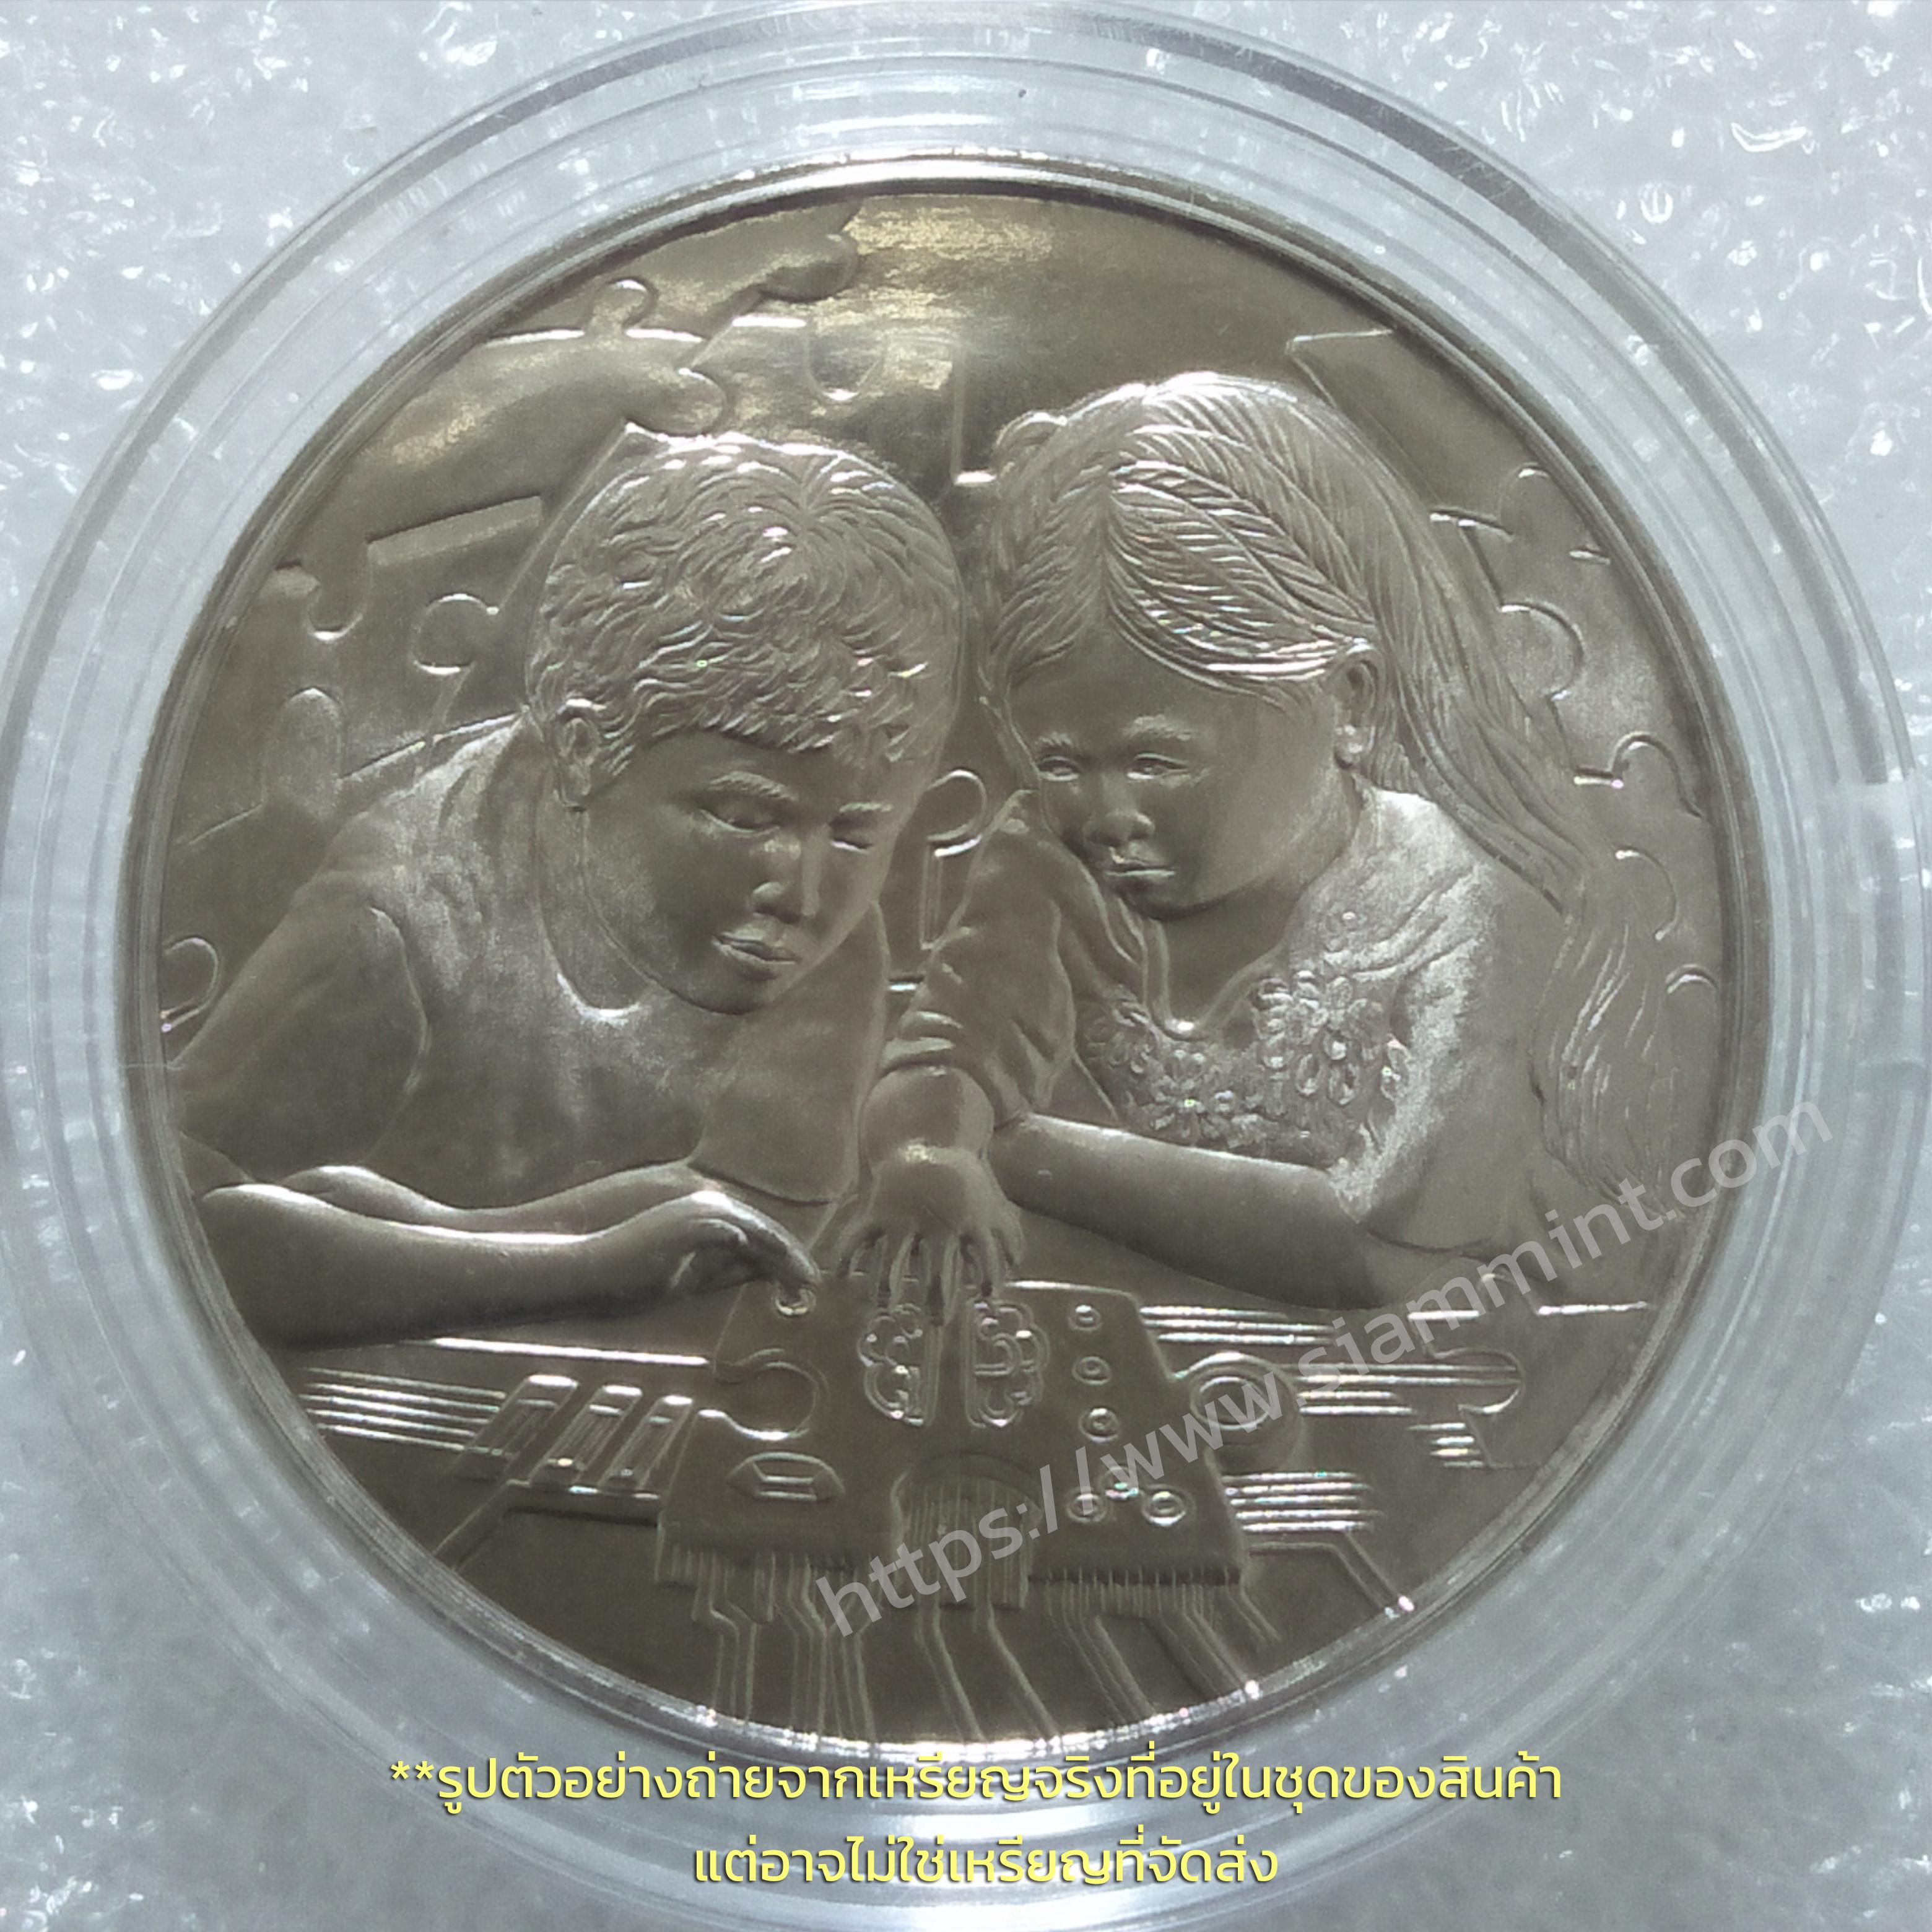 เหรียญที่ระลึกวันเด็กแห่งชาติ ประจำปี 2563